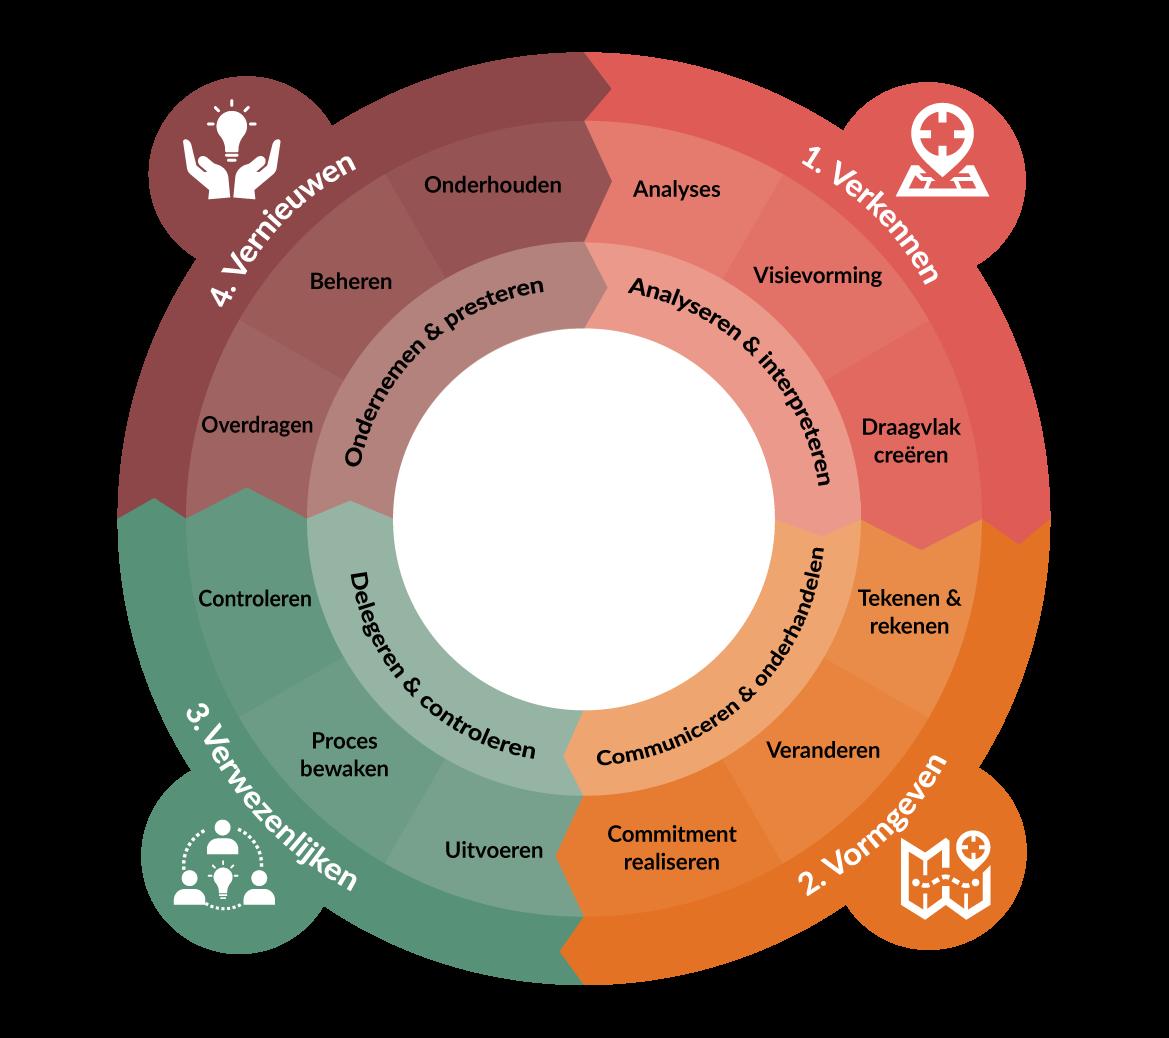 Kenmerken waardecreerend leiderschap per fase